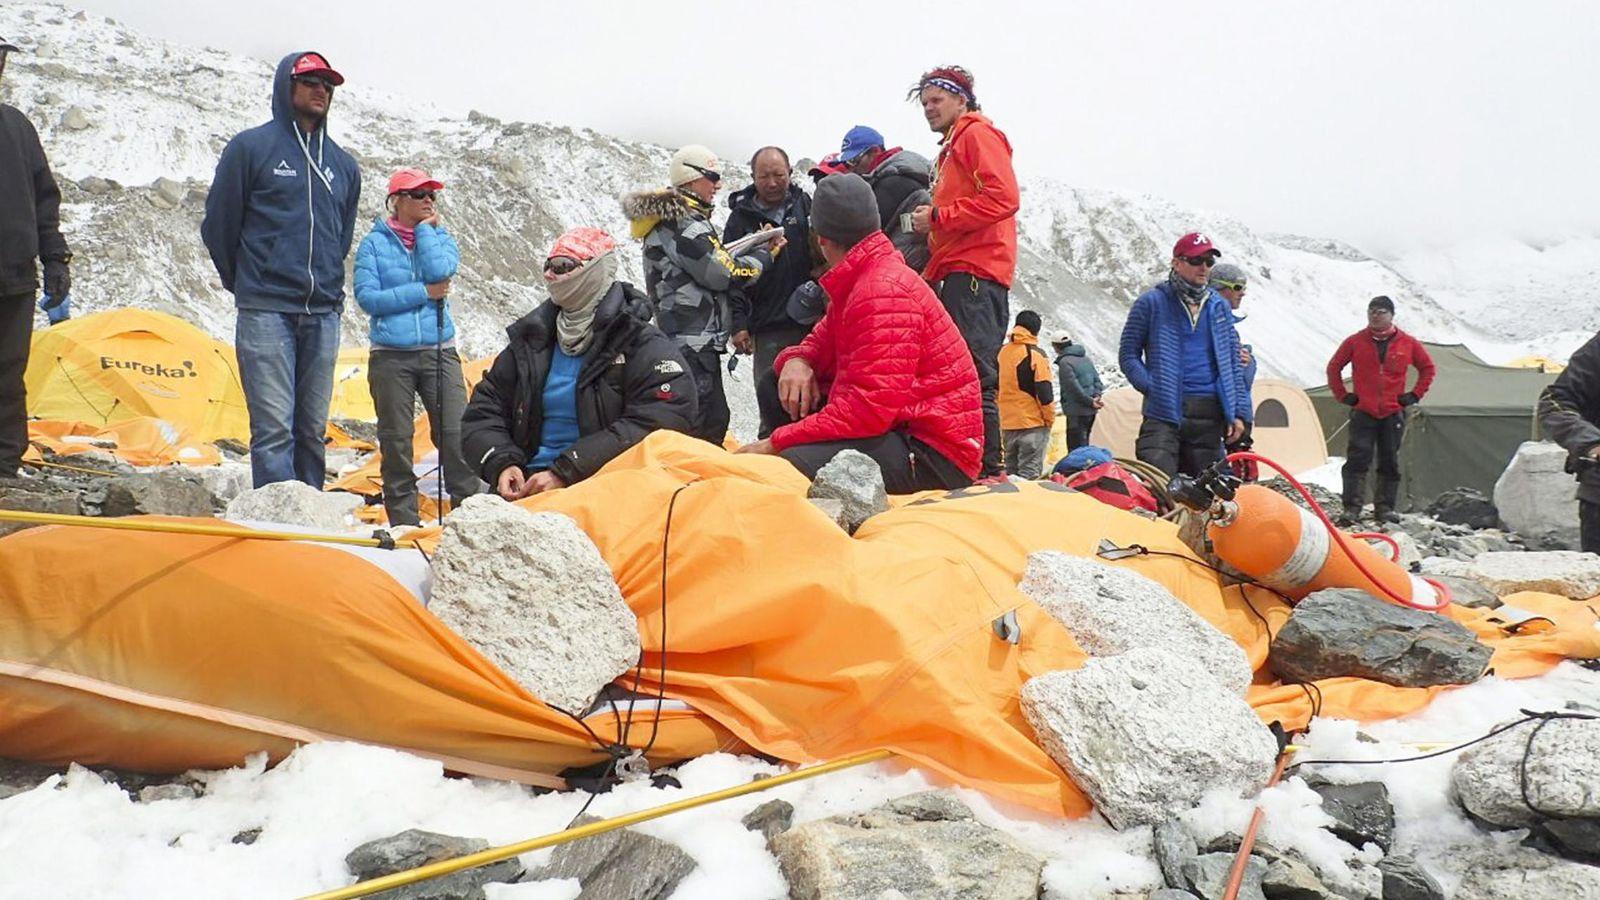 Foto: Alpinistas este domingo en el Campos Base del Everest tras la avalancha. (Reuters)